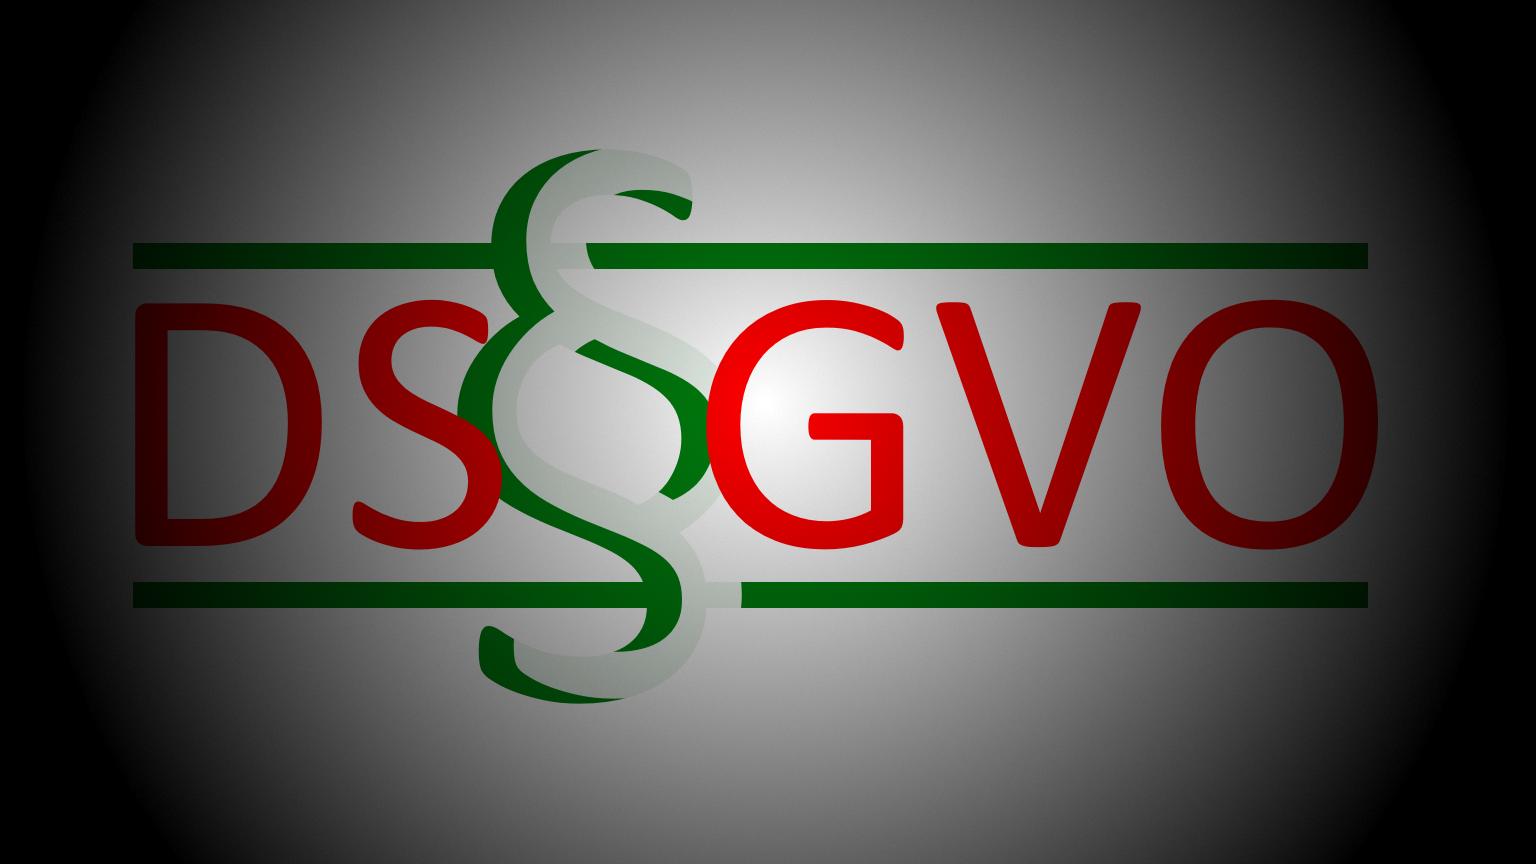 DS-GVO - Datenschutz-Grundverordnung